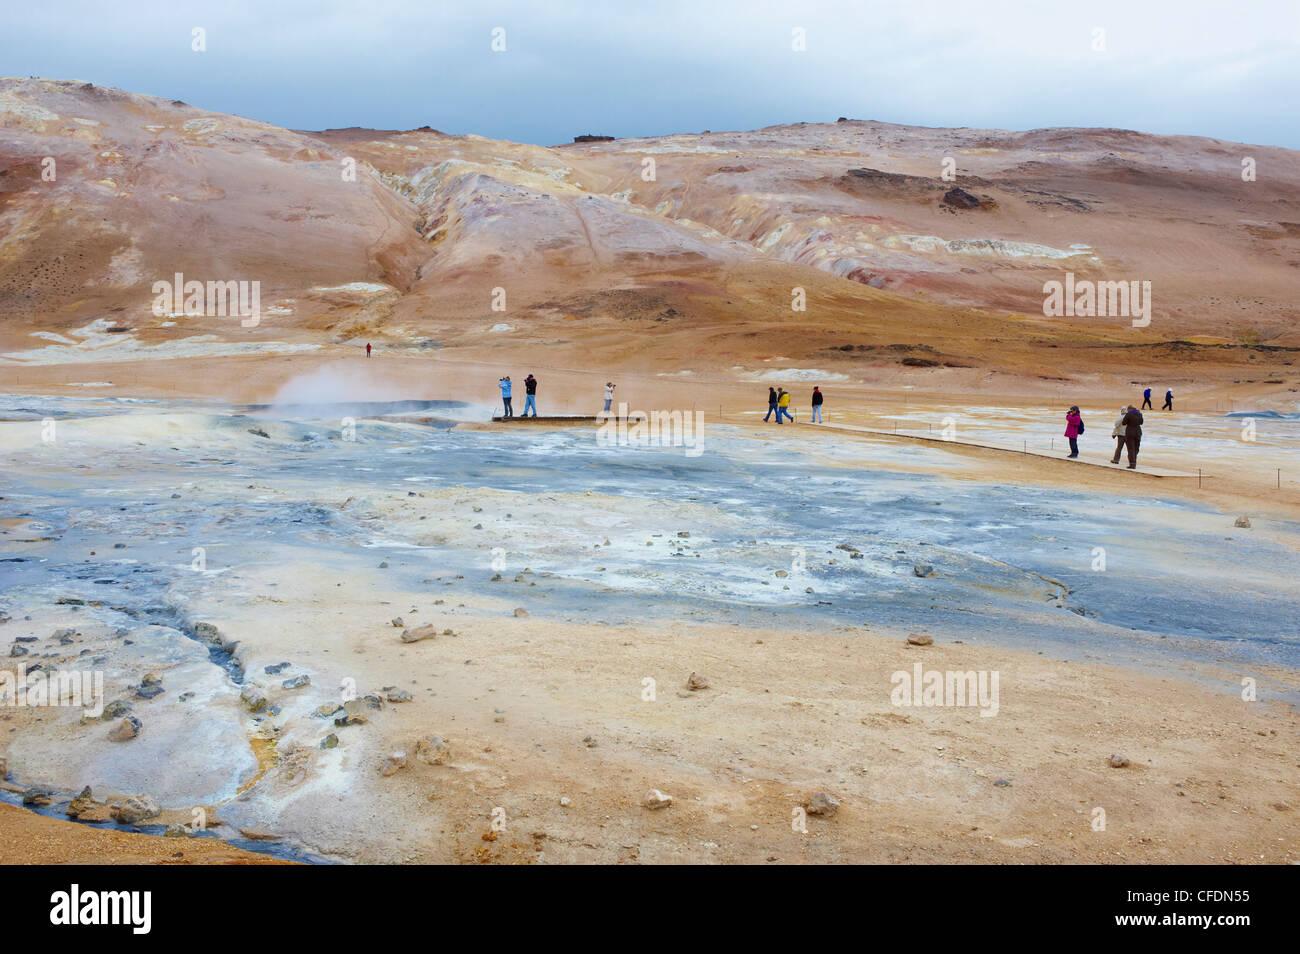 Hverir geothermischen Feldern am Fuße des Namafjall Berg, See Myvatn Gebiet, Island, Polarregionen Stockbild